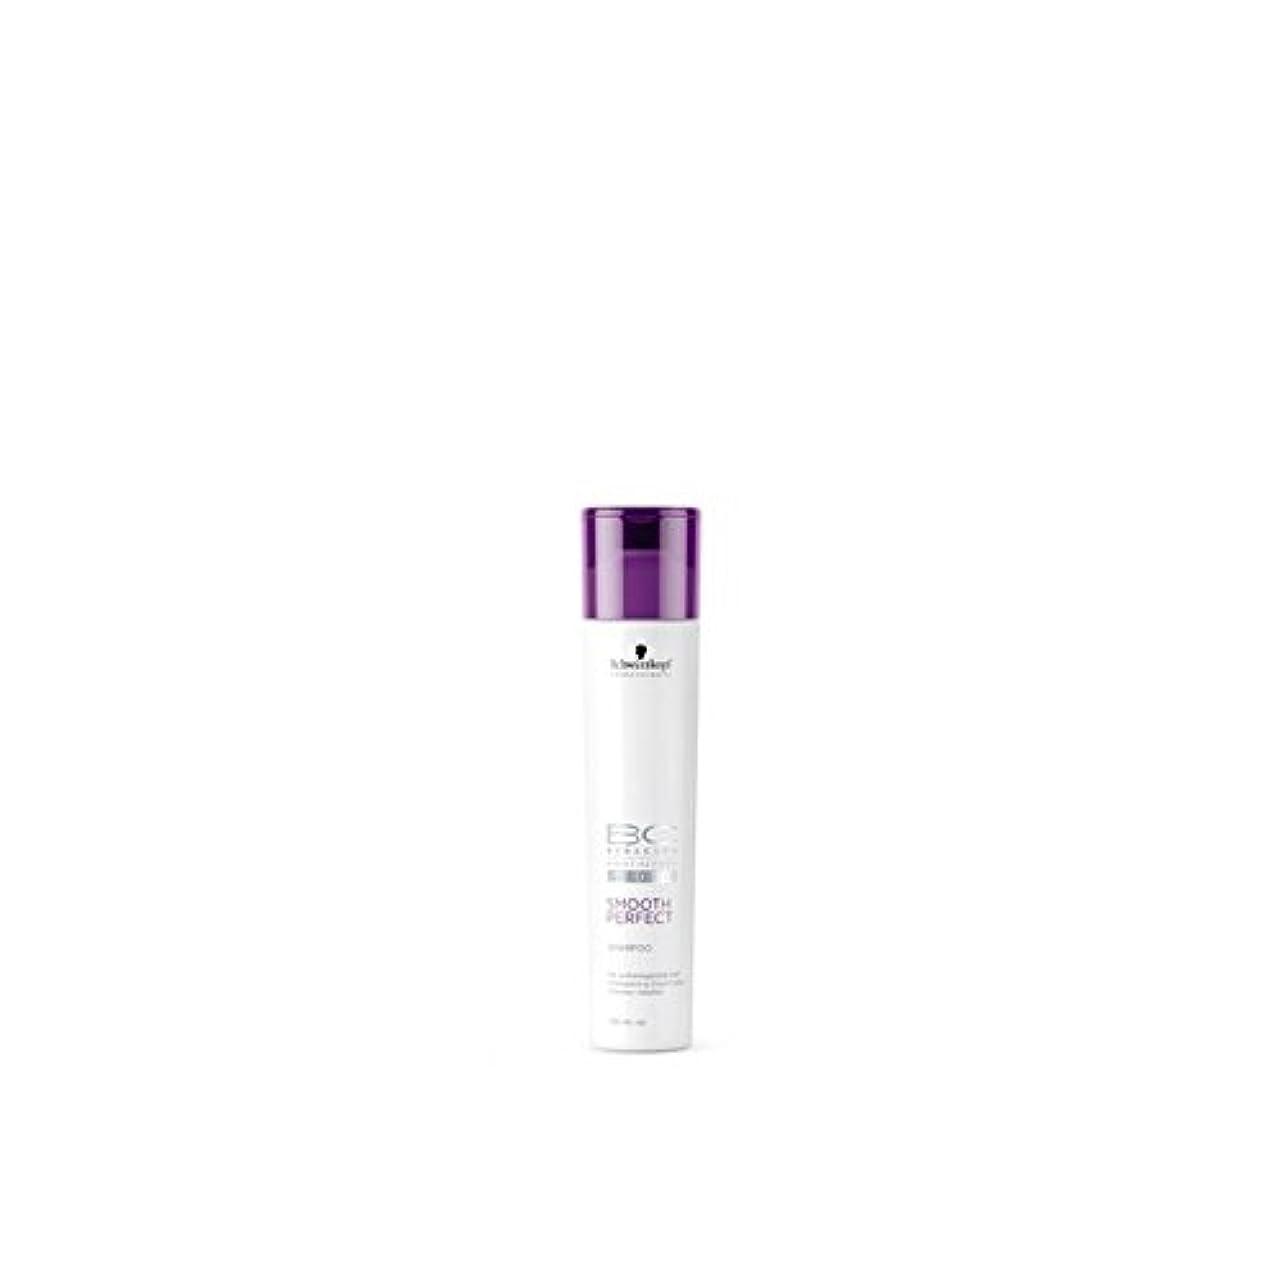 スラム街の配列アトムなめらかな完璧なシャンプー(250ミリリットル)シュワルツコフ x2 - Schwarzkopf Bc Smooth Perfect Shampoo (250ml) (Pack of 2) [並行輸入品]